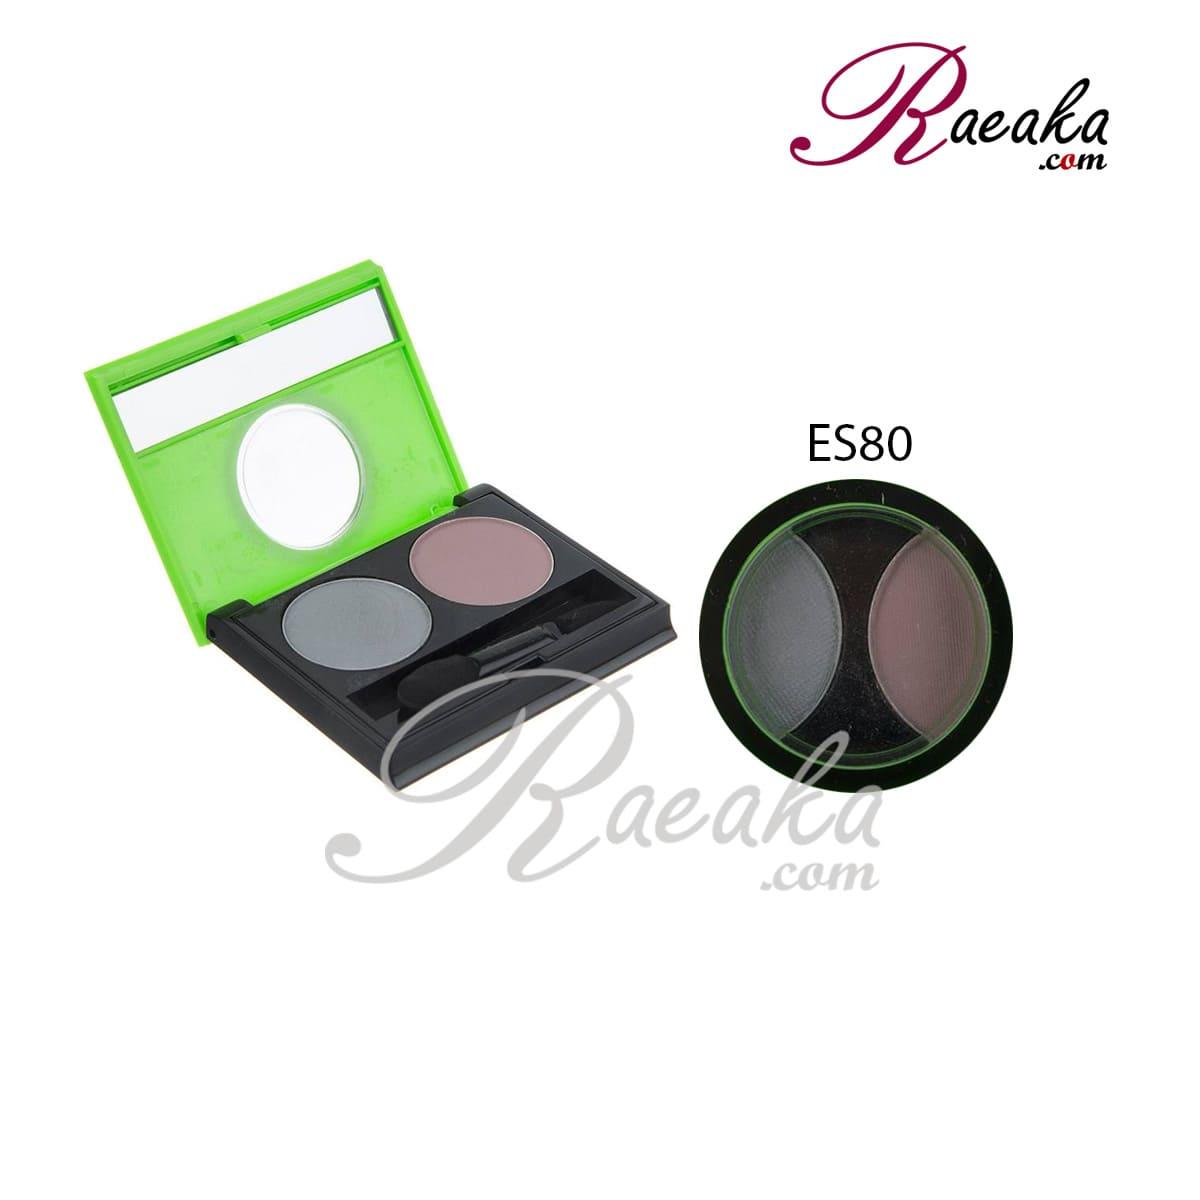 سایه چشم دو تایی کالیستا کد ES80 وزن ۲٫۵*۲ گرم